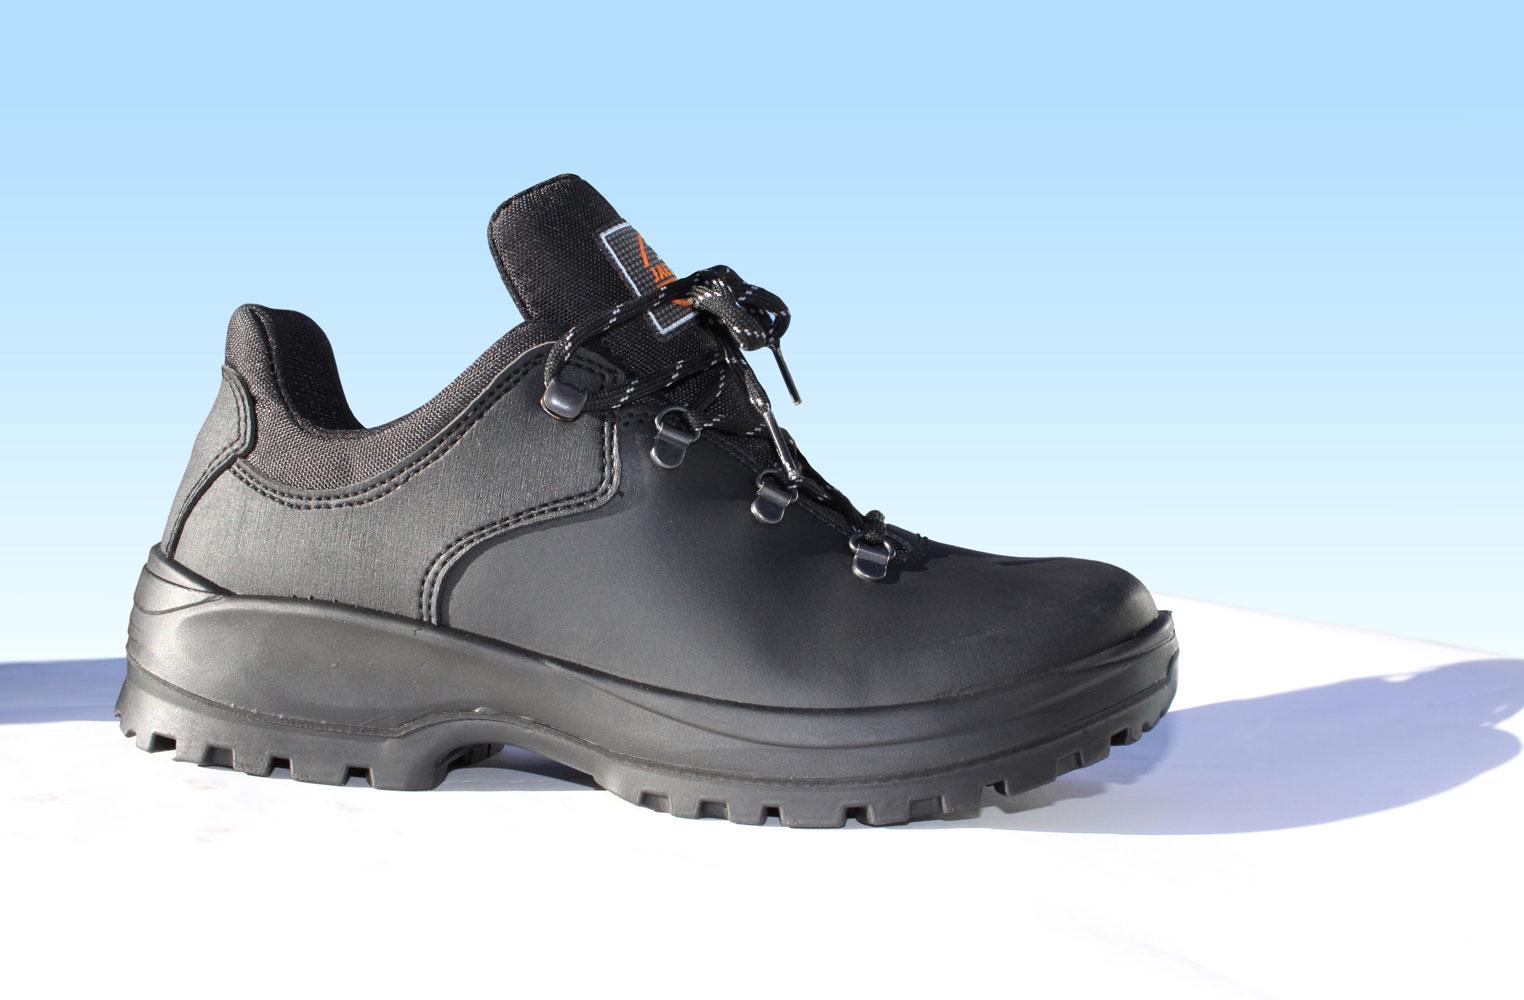 Рабочая обувь: как правильно подобрать